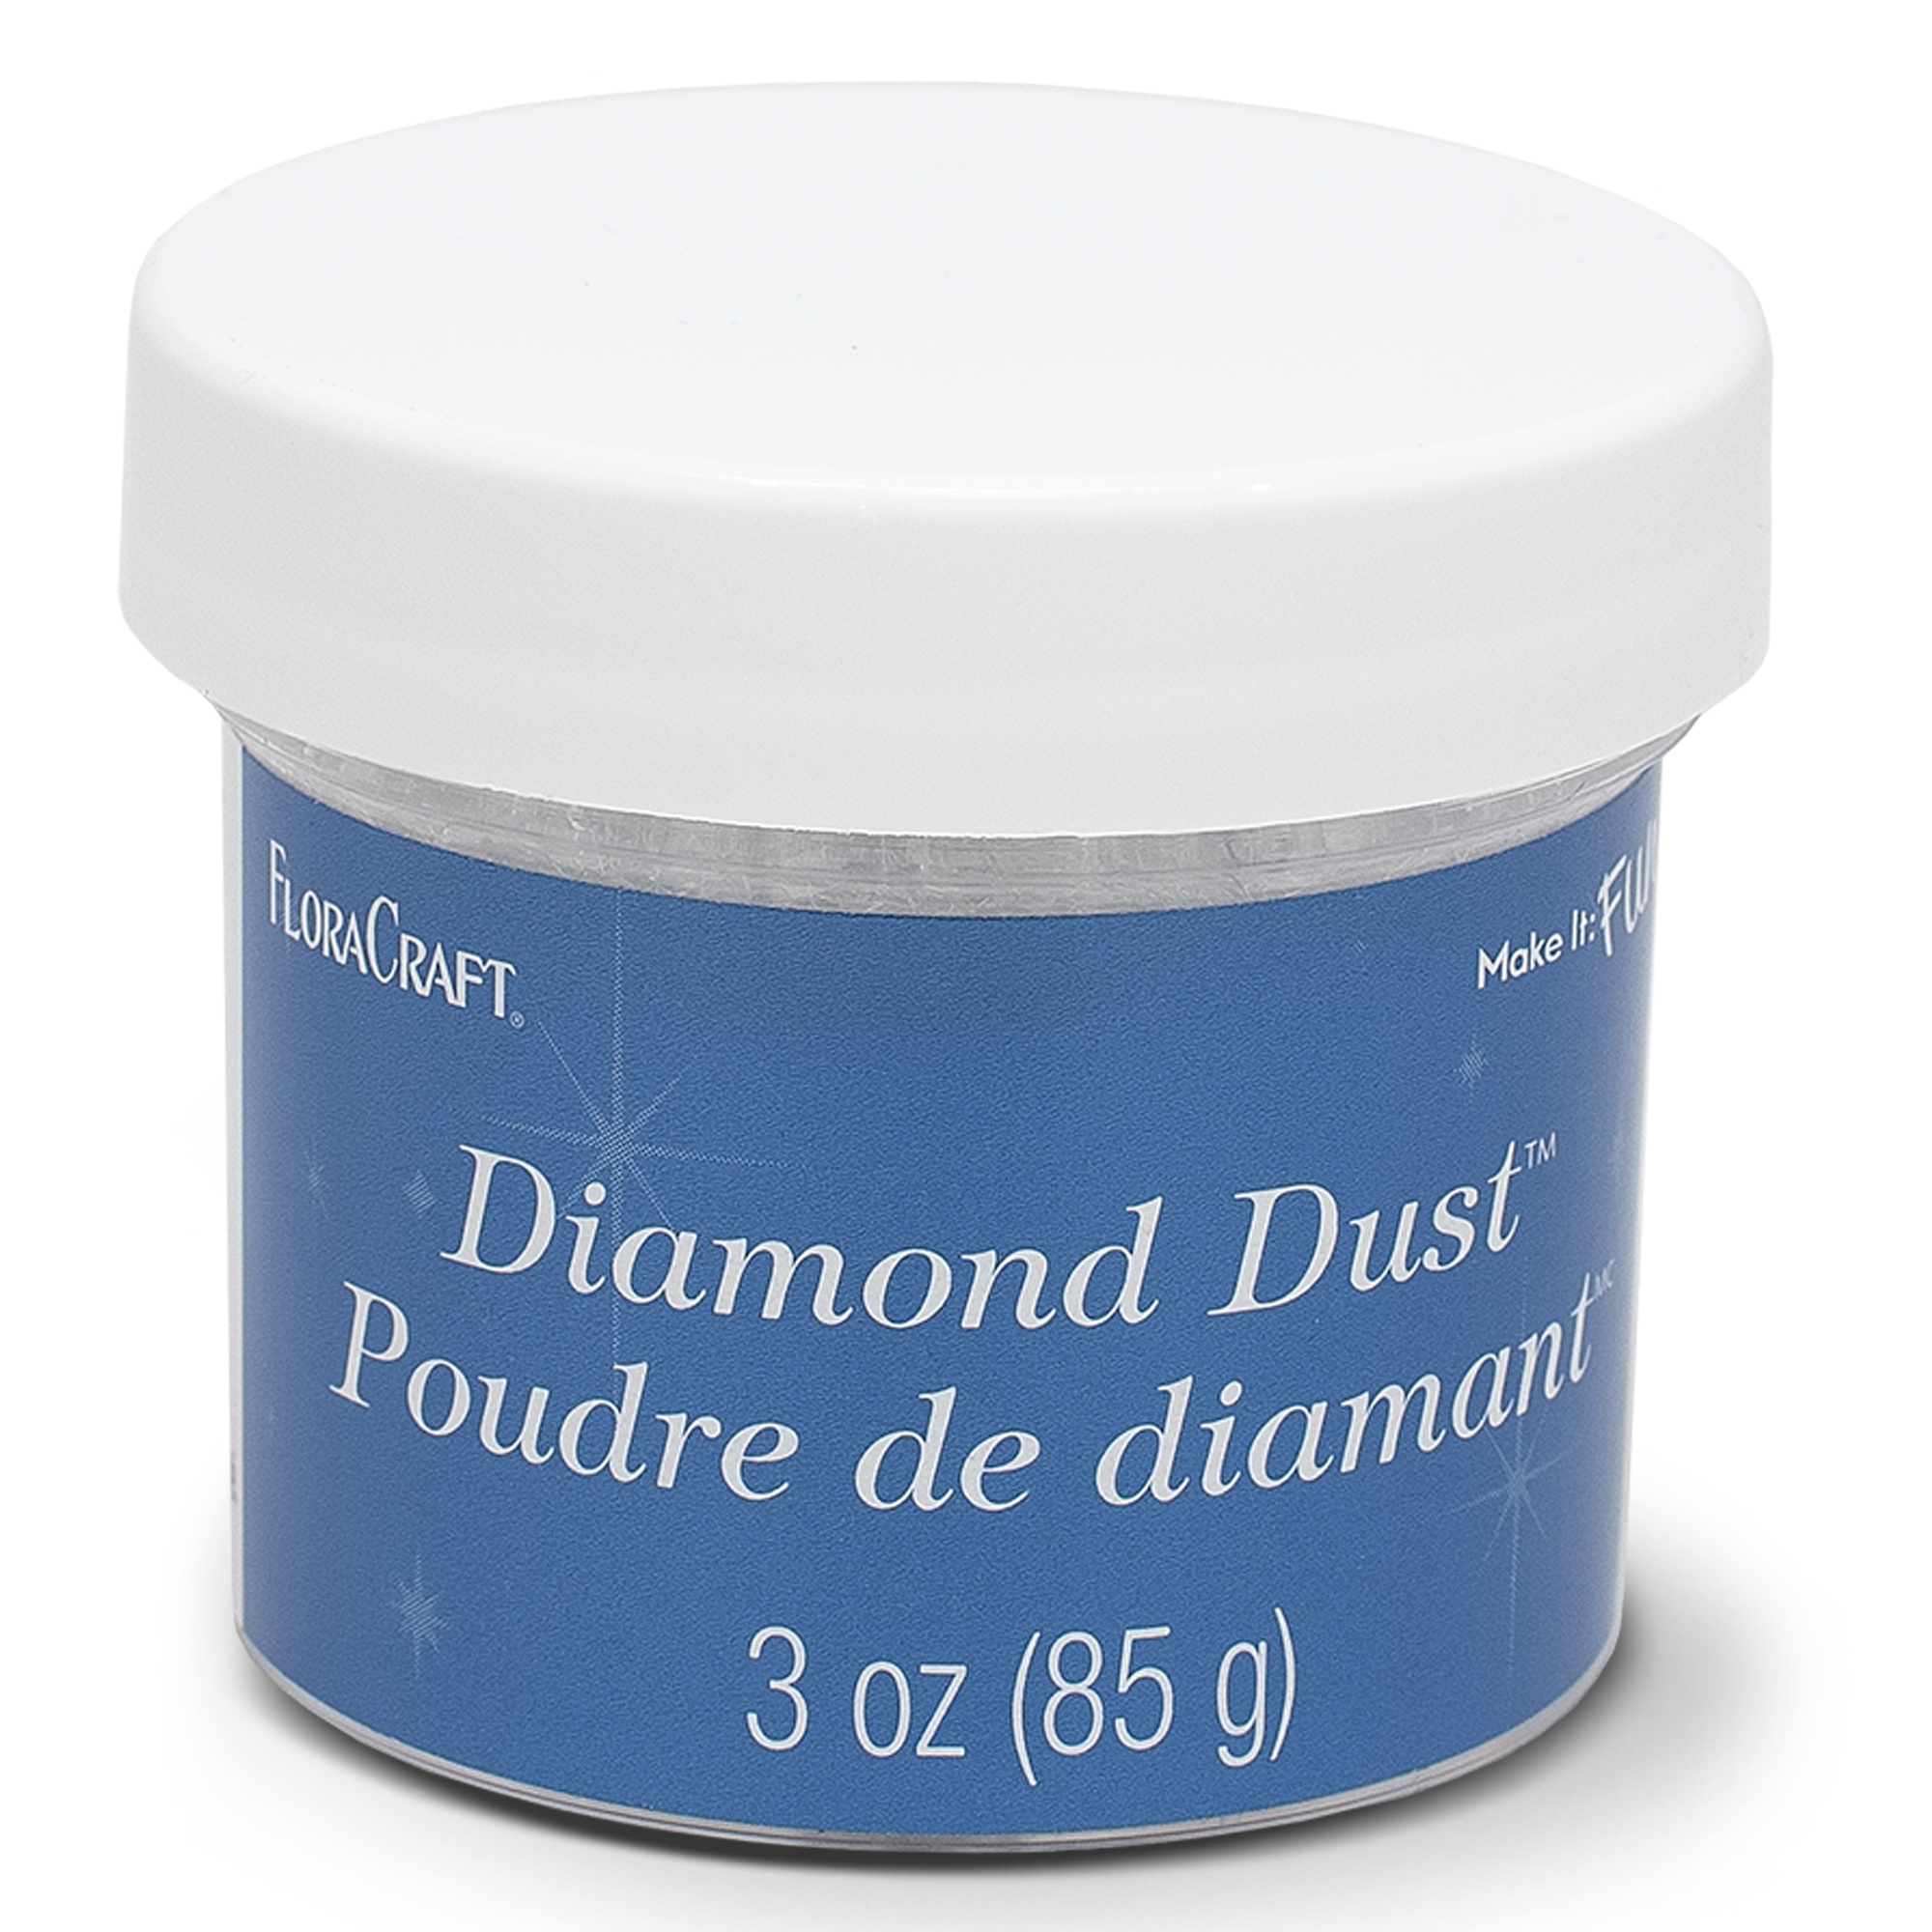 Diamond Dust Twinklets